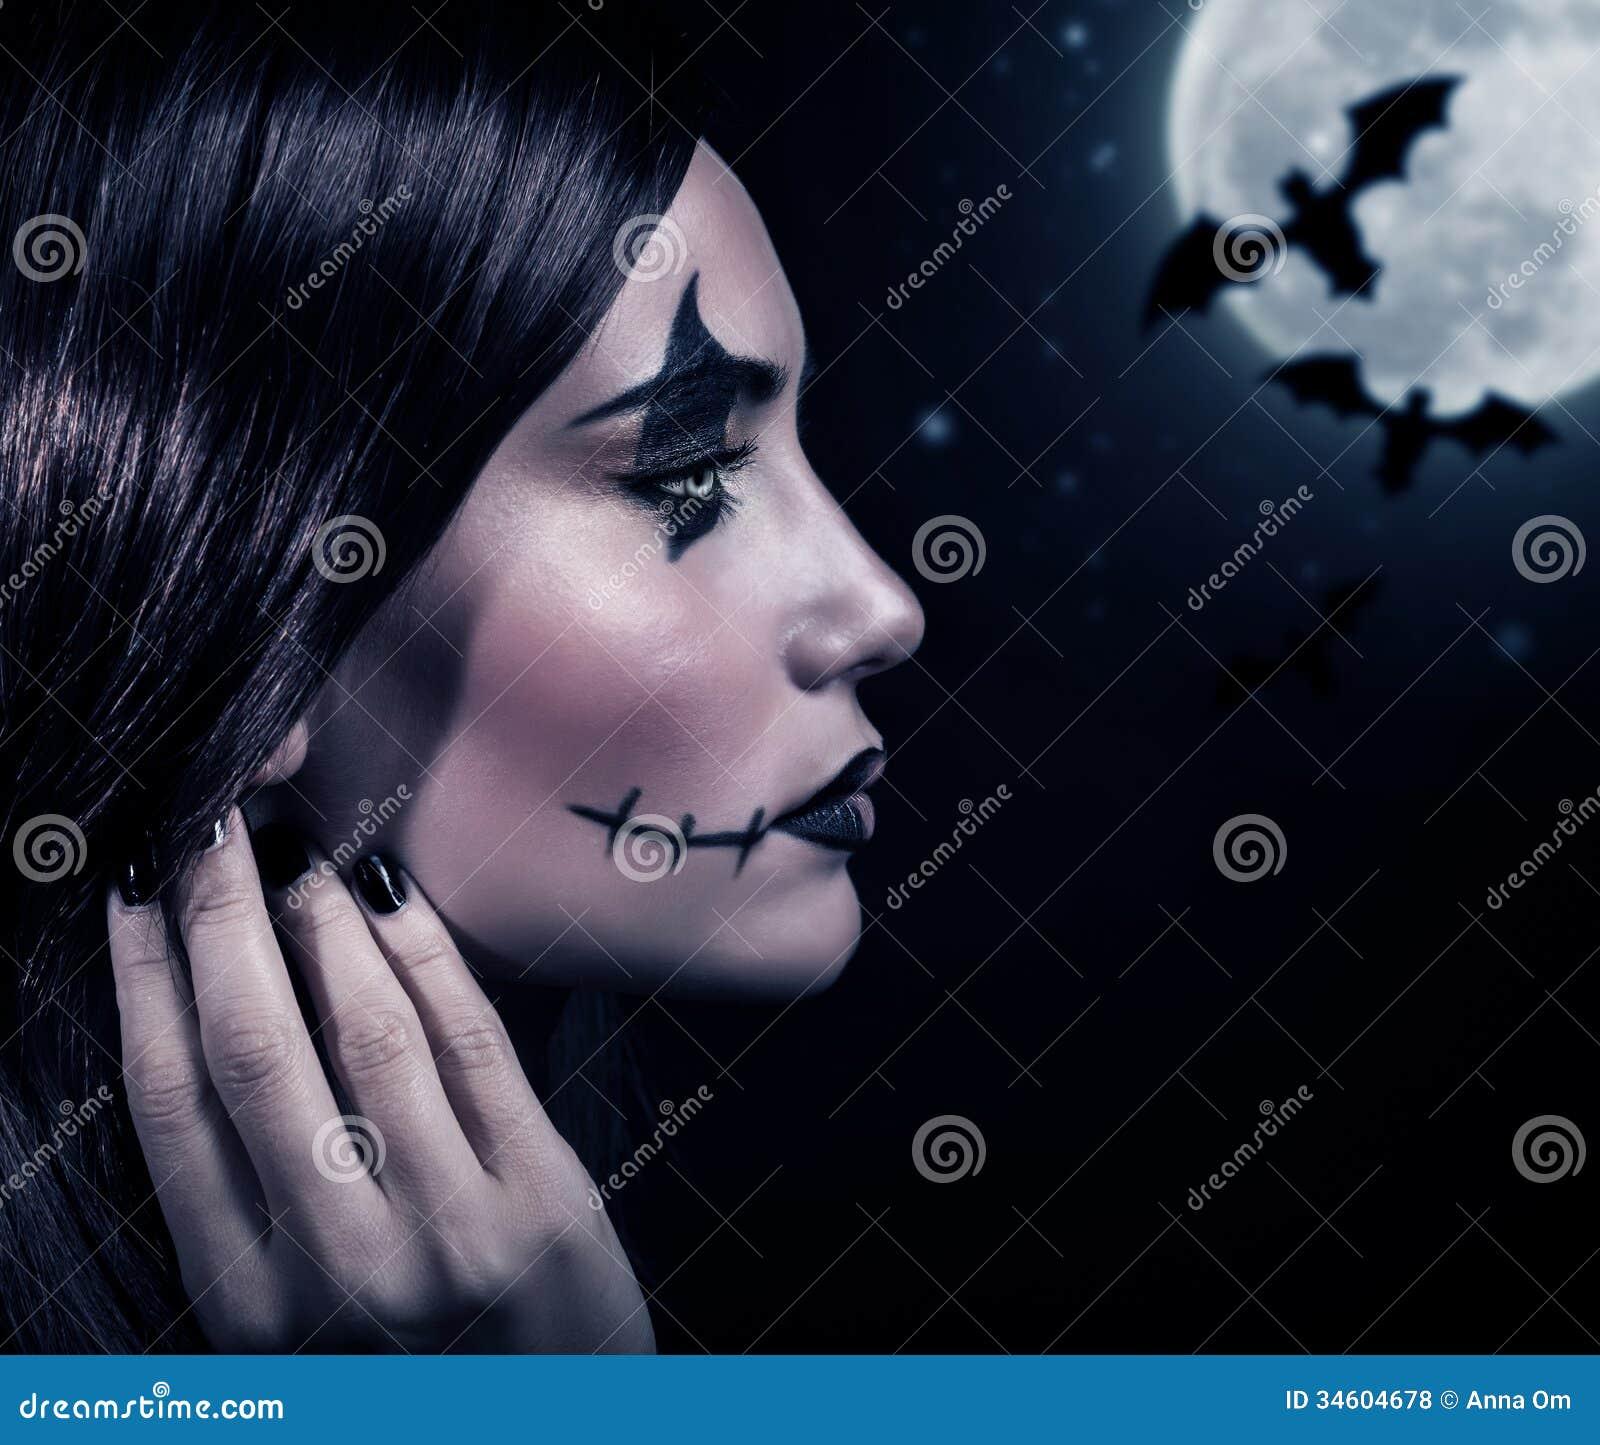 Strega terrificante nella notte di Halloween - strega-terrificante-nella-notte-di-halloween-34604678